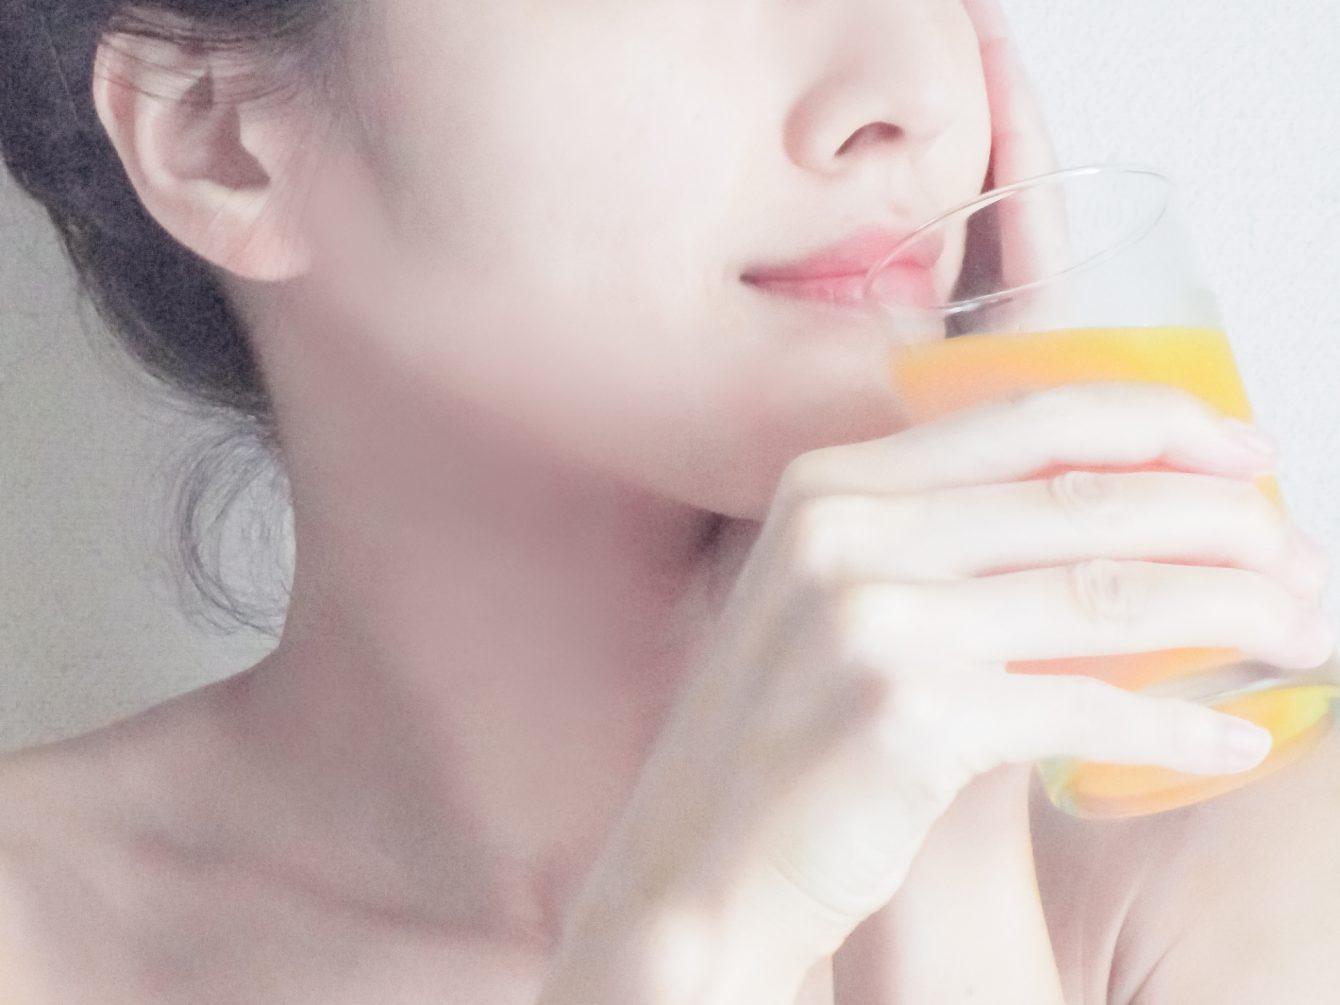 シーベリージュース(サジージュース)ってどんな味?